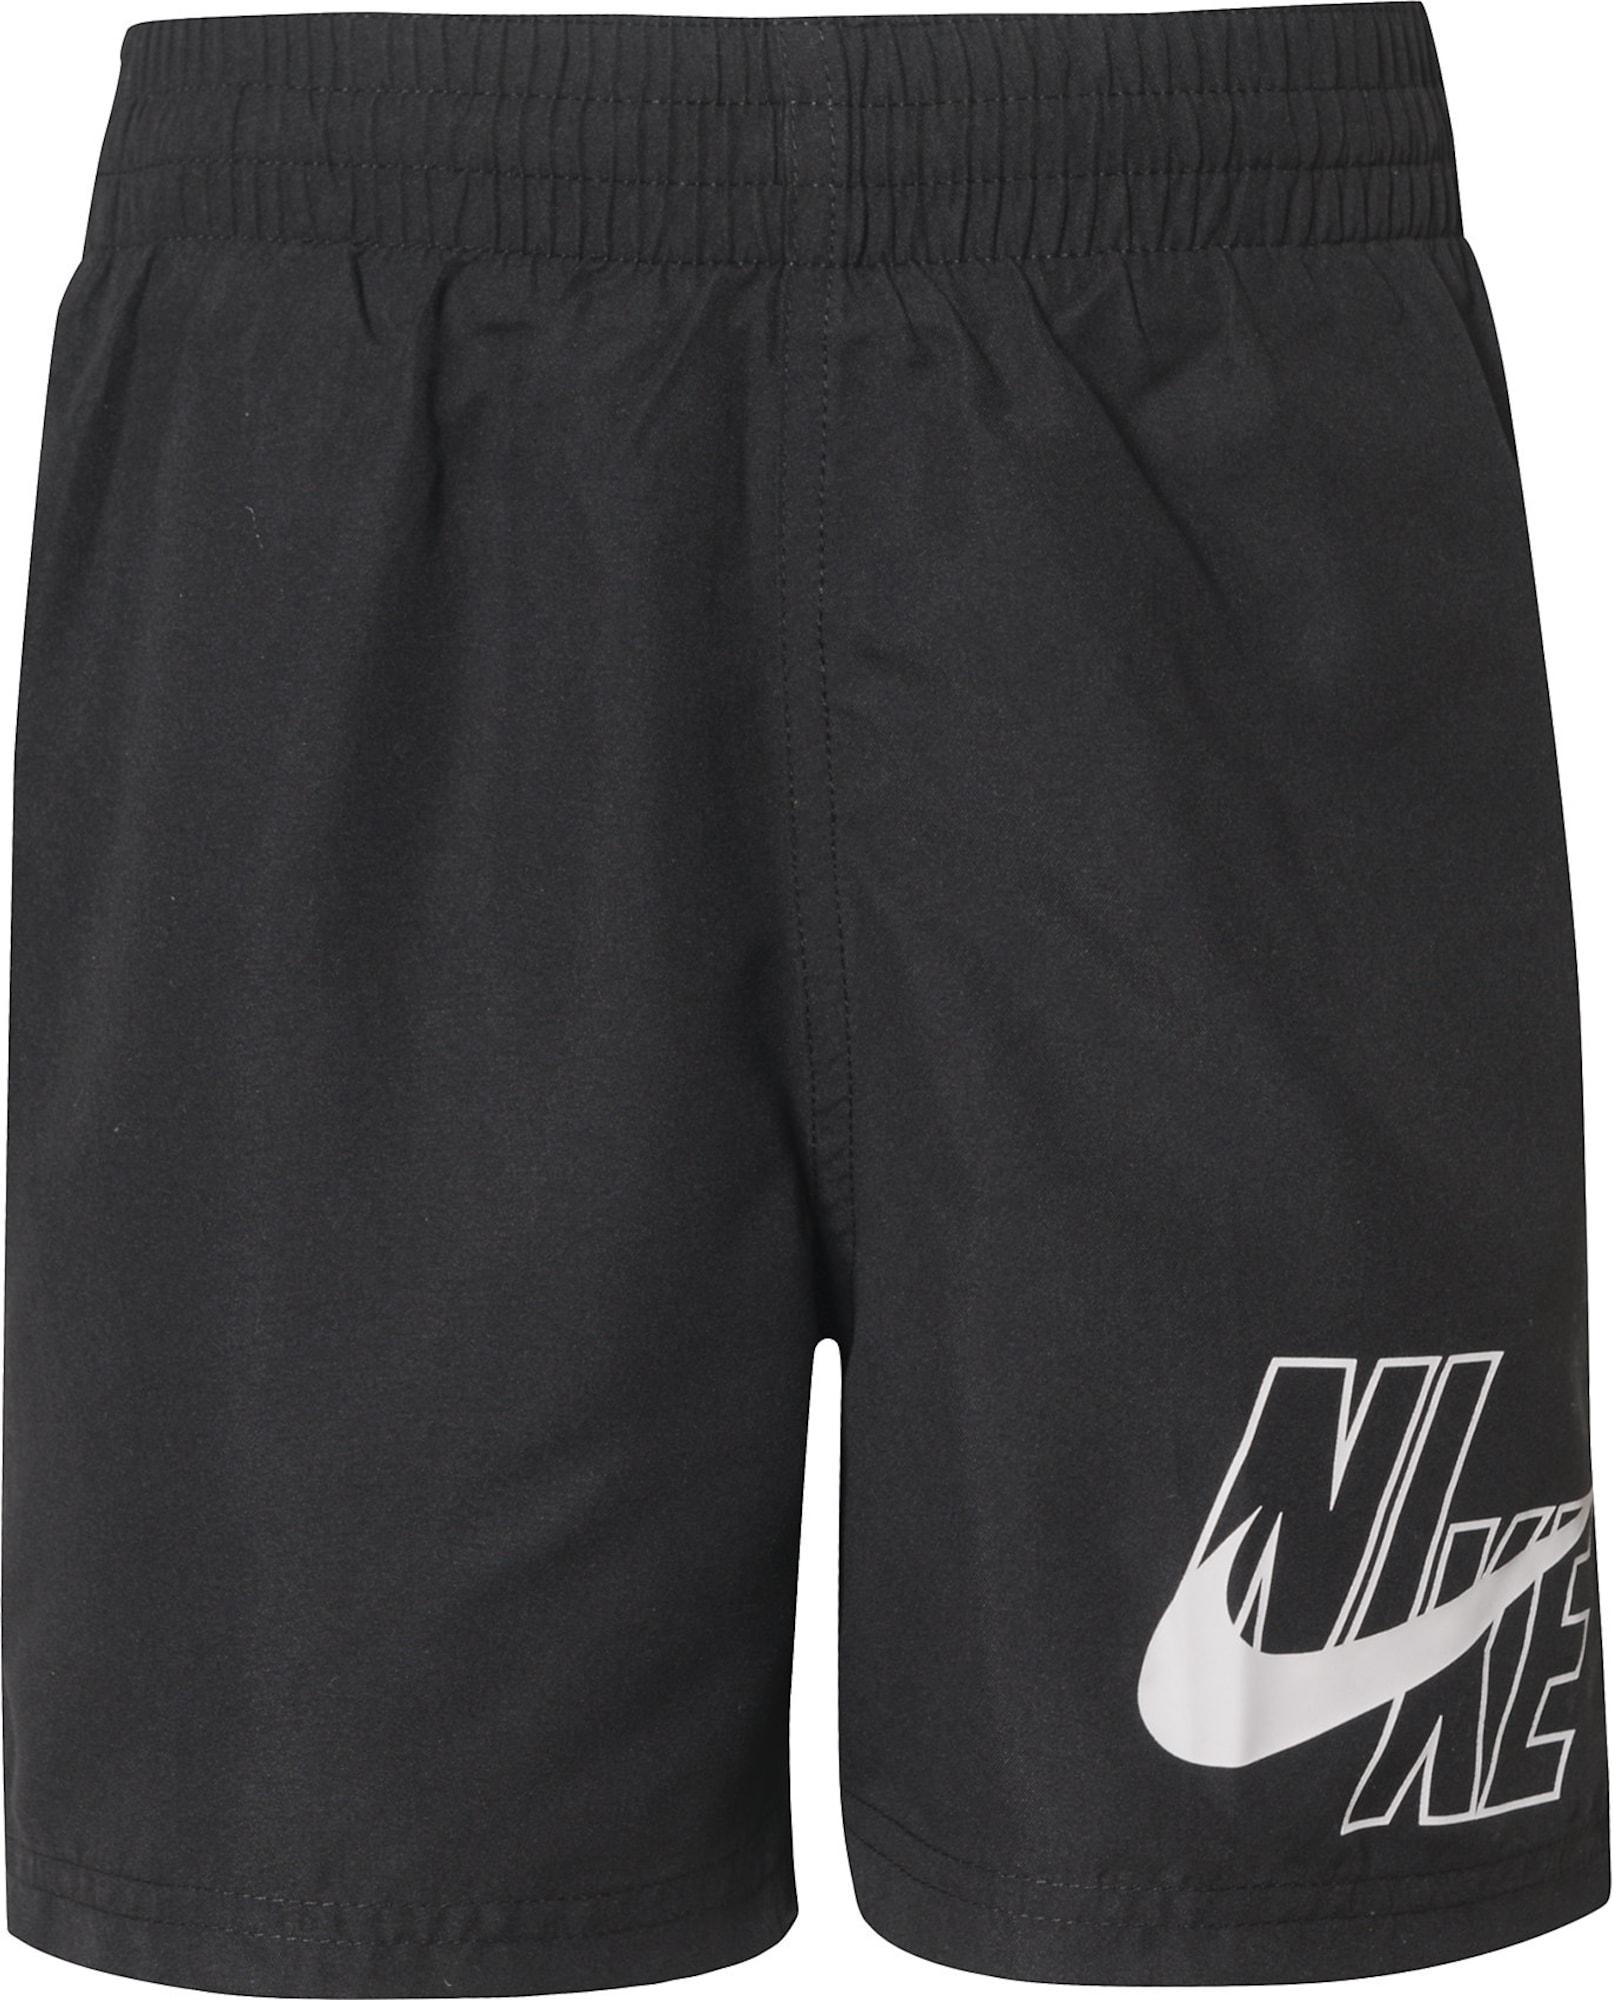 NIKE Sportinis maudymosi kostiumėlis 'Volley' juoda / balta